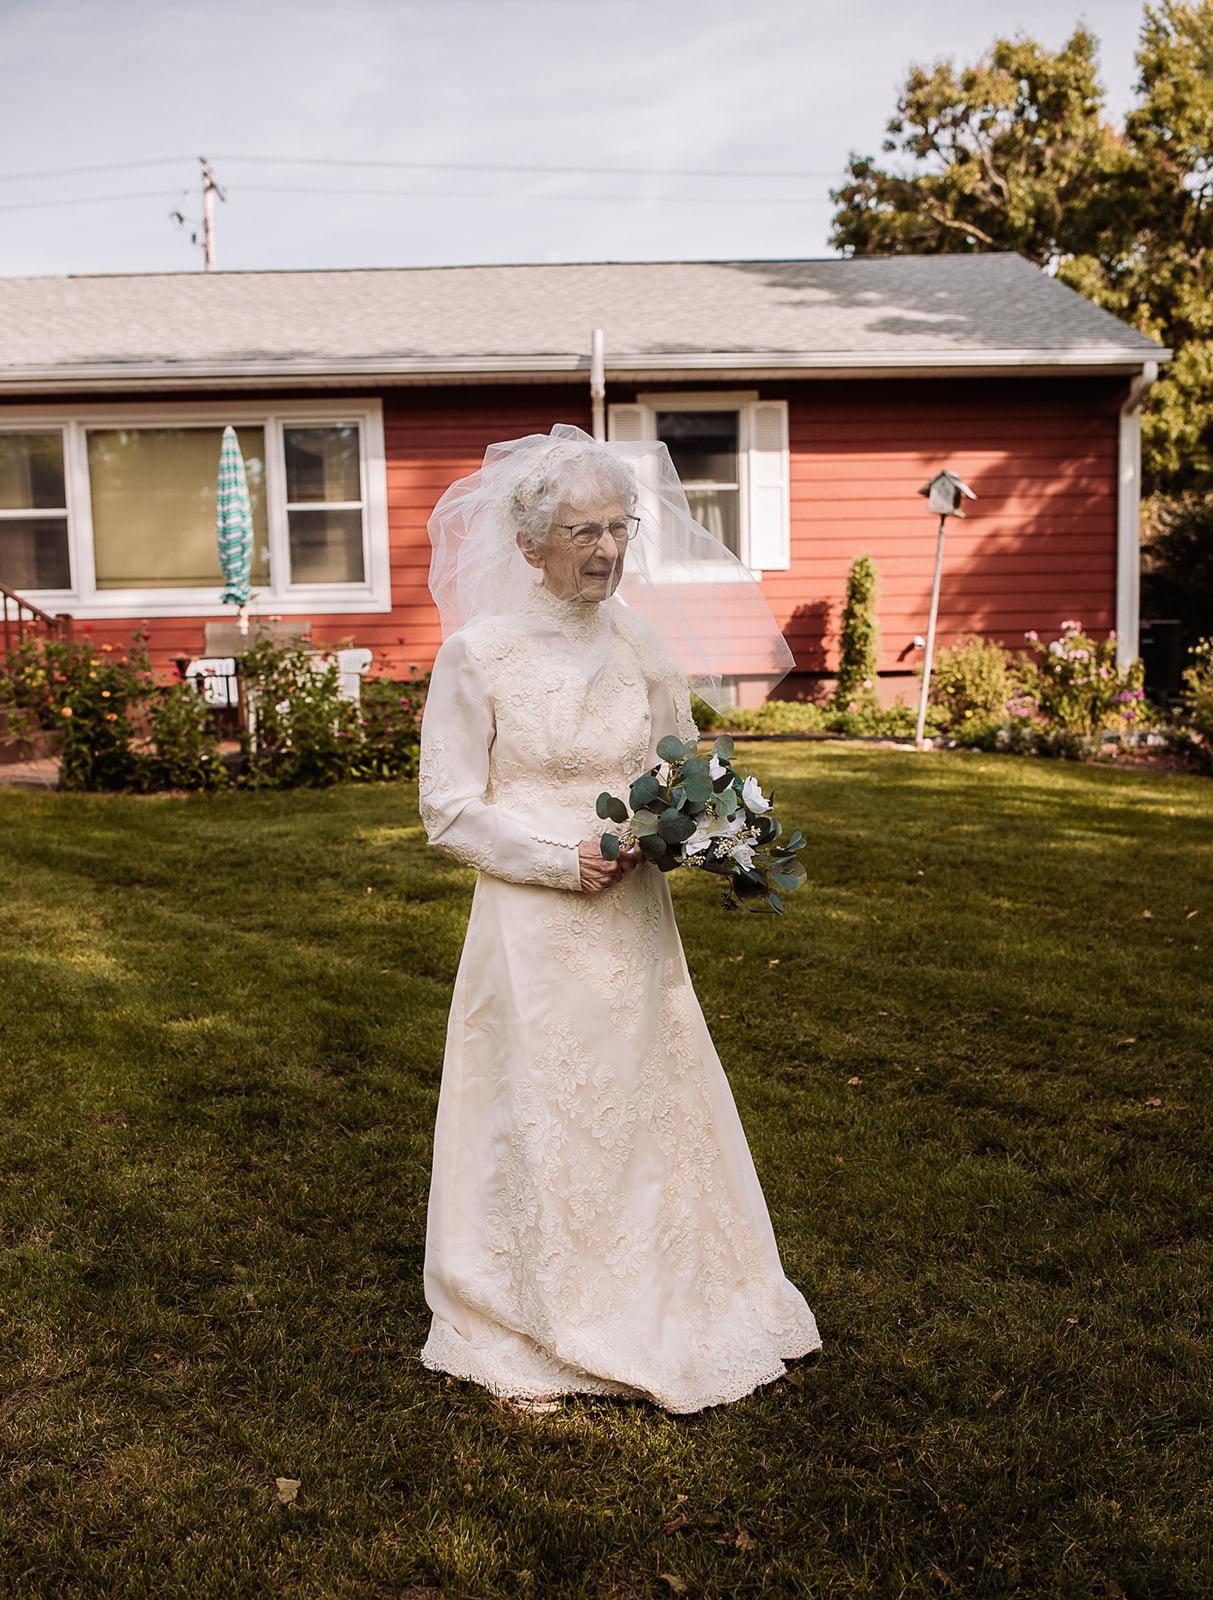 Ηλικιωμένο ζευγάρι έβγαλε τις γαμήλιες φωτογραφίες 77 χρόνια μετά το γάμο - Μια συγκινητική ιστορία